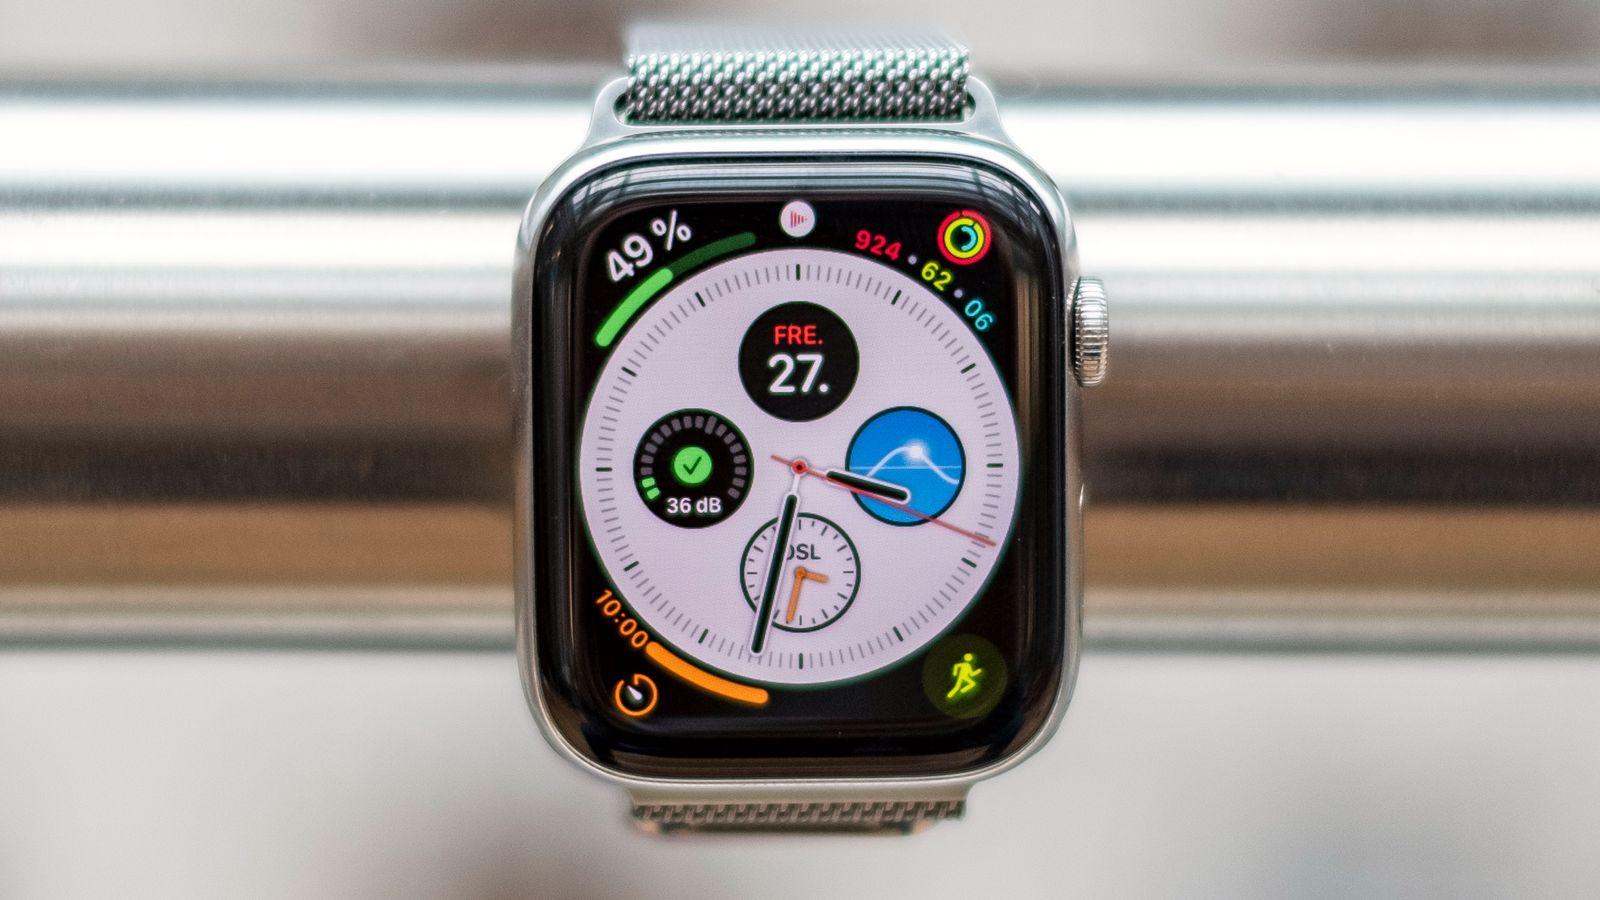 Apple Watch series 5 har samme store skjermstørrelse som series 4 har, men en mer strømsnill skjerm og muligheter for å ha skjermen alltid på var de store nyhetene med siste generasjon. Nå kan det komme en oppdatert utgave, og muligens en billigere versjon også.